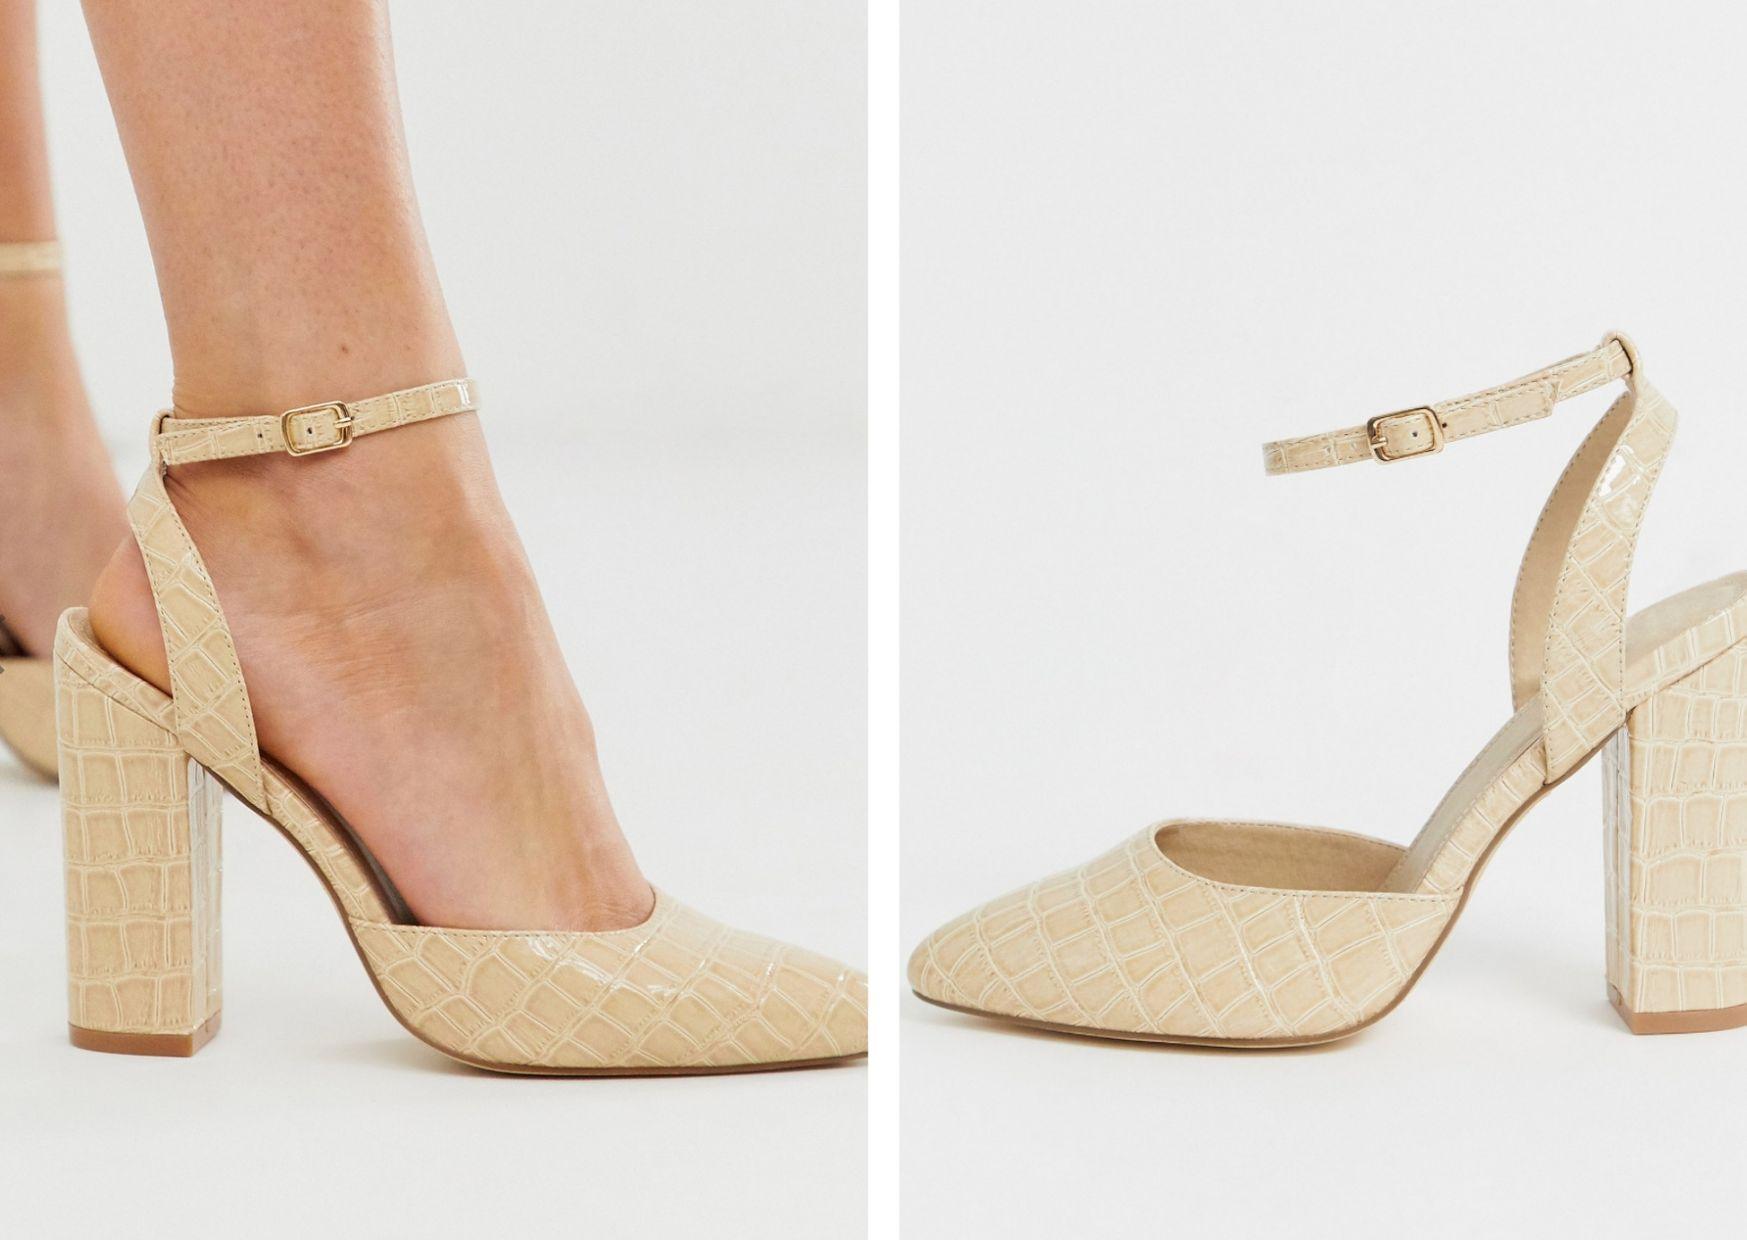 Zapatos de tacón cuadrado en beis con diseño de cocodrilo y puntera en punta de Truffle Collection